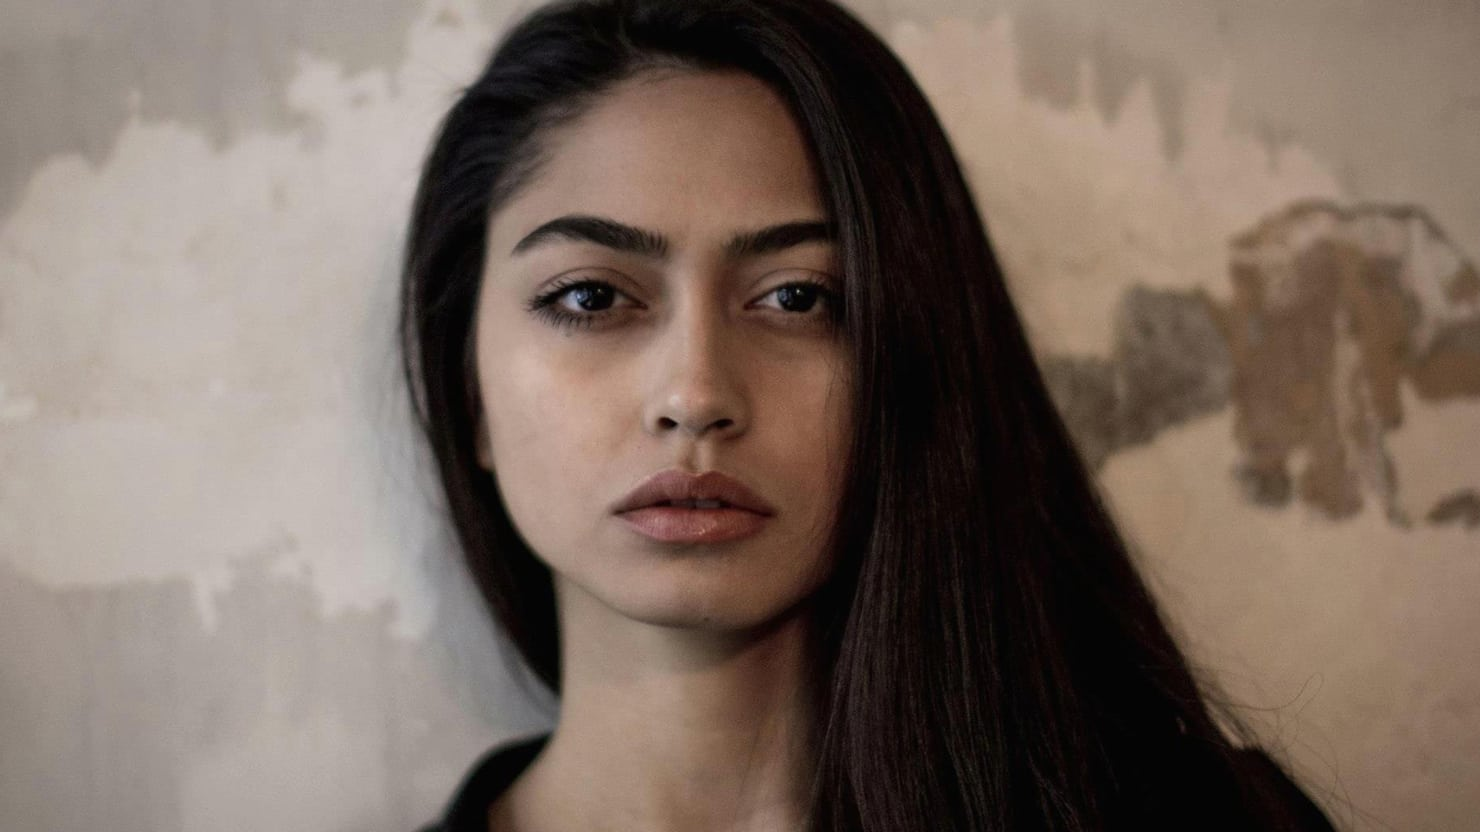 Одна из жертв продюсера, итальянская модель Амбра Гутиеррес, предоставила доказательство домогательс